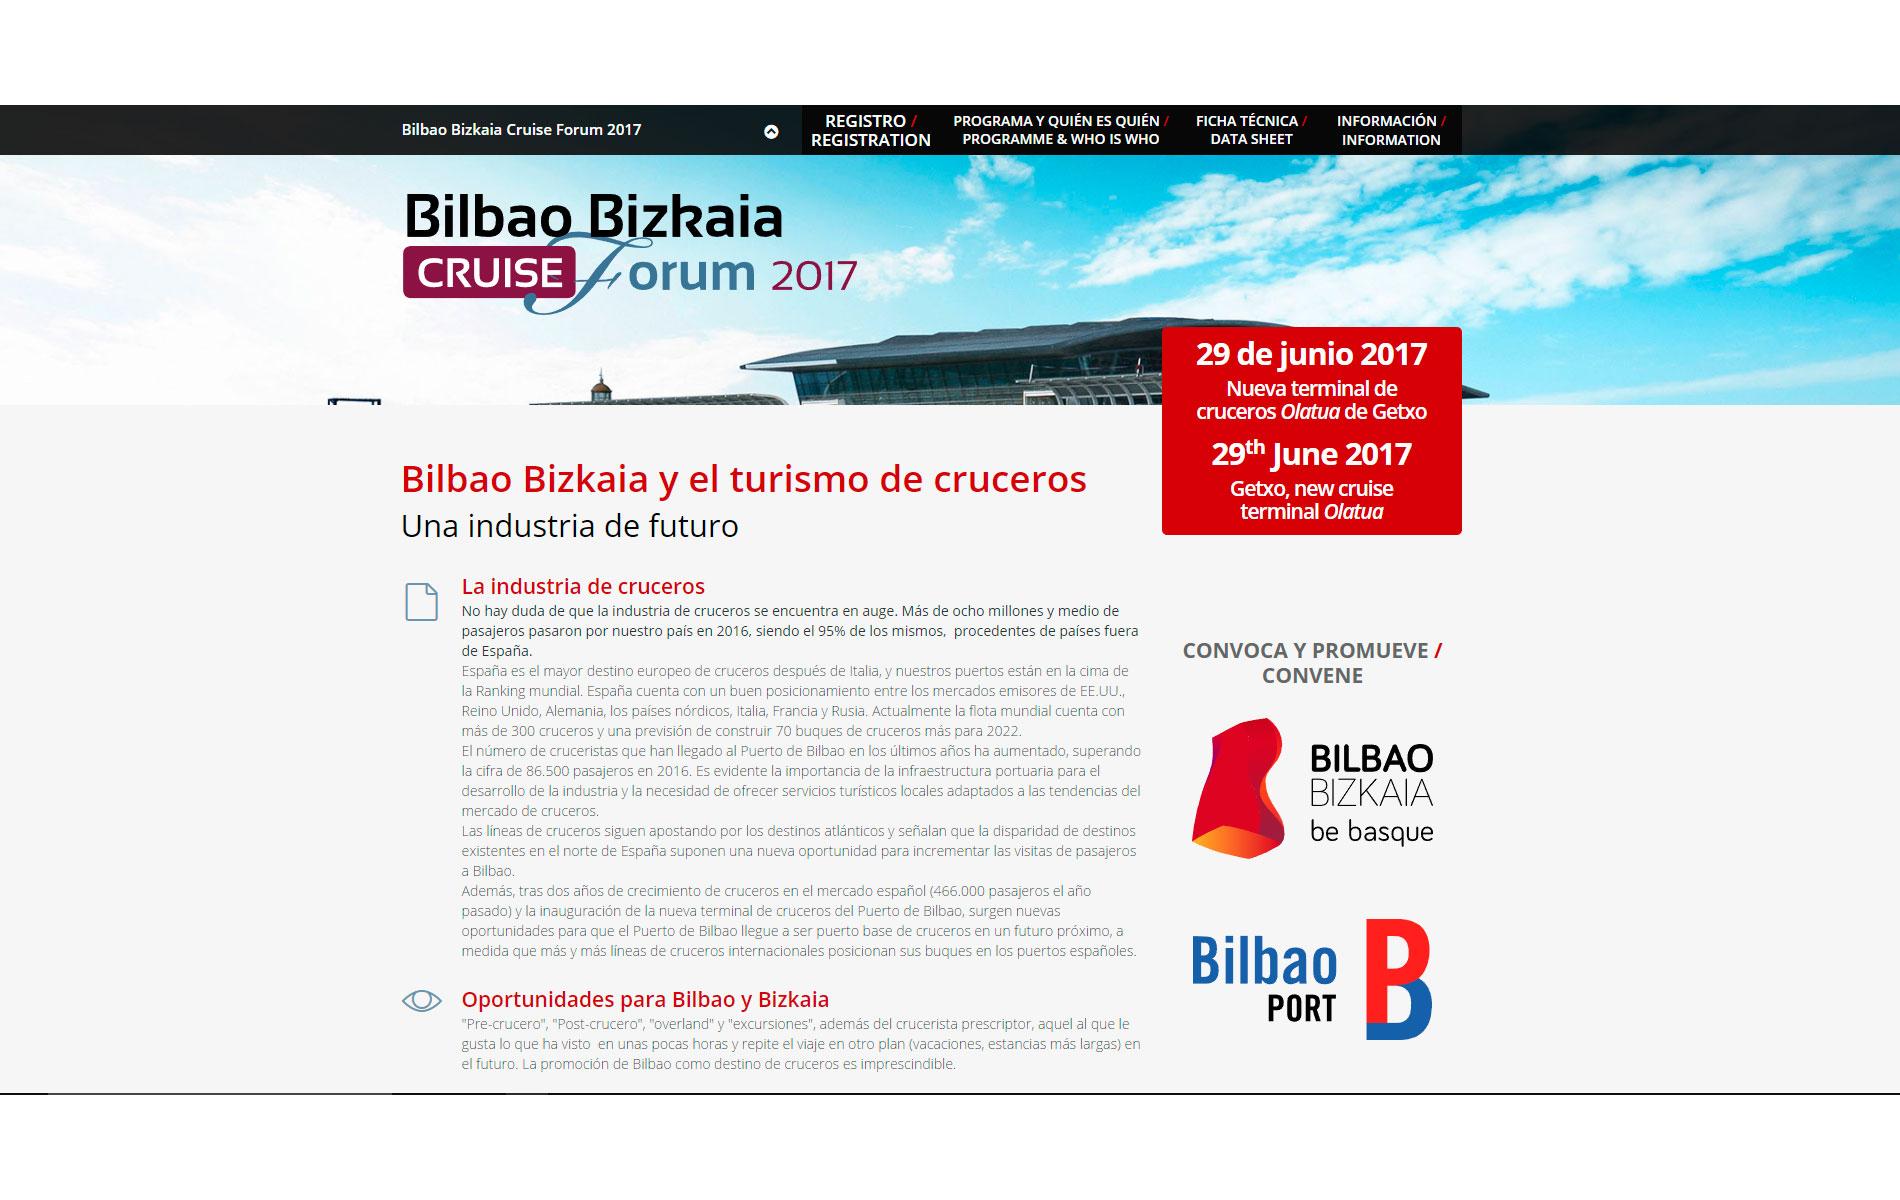 Bilbao Bizkaia Cruise Forum 2017